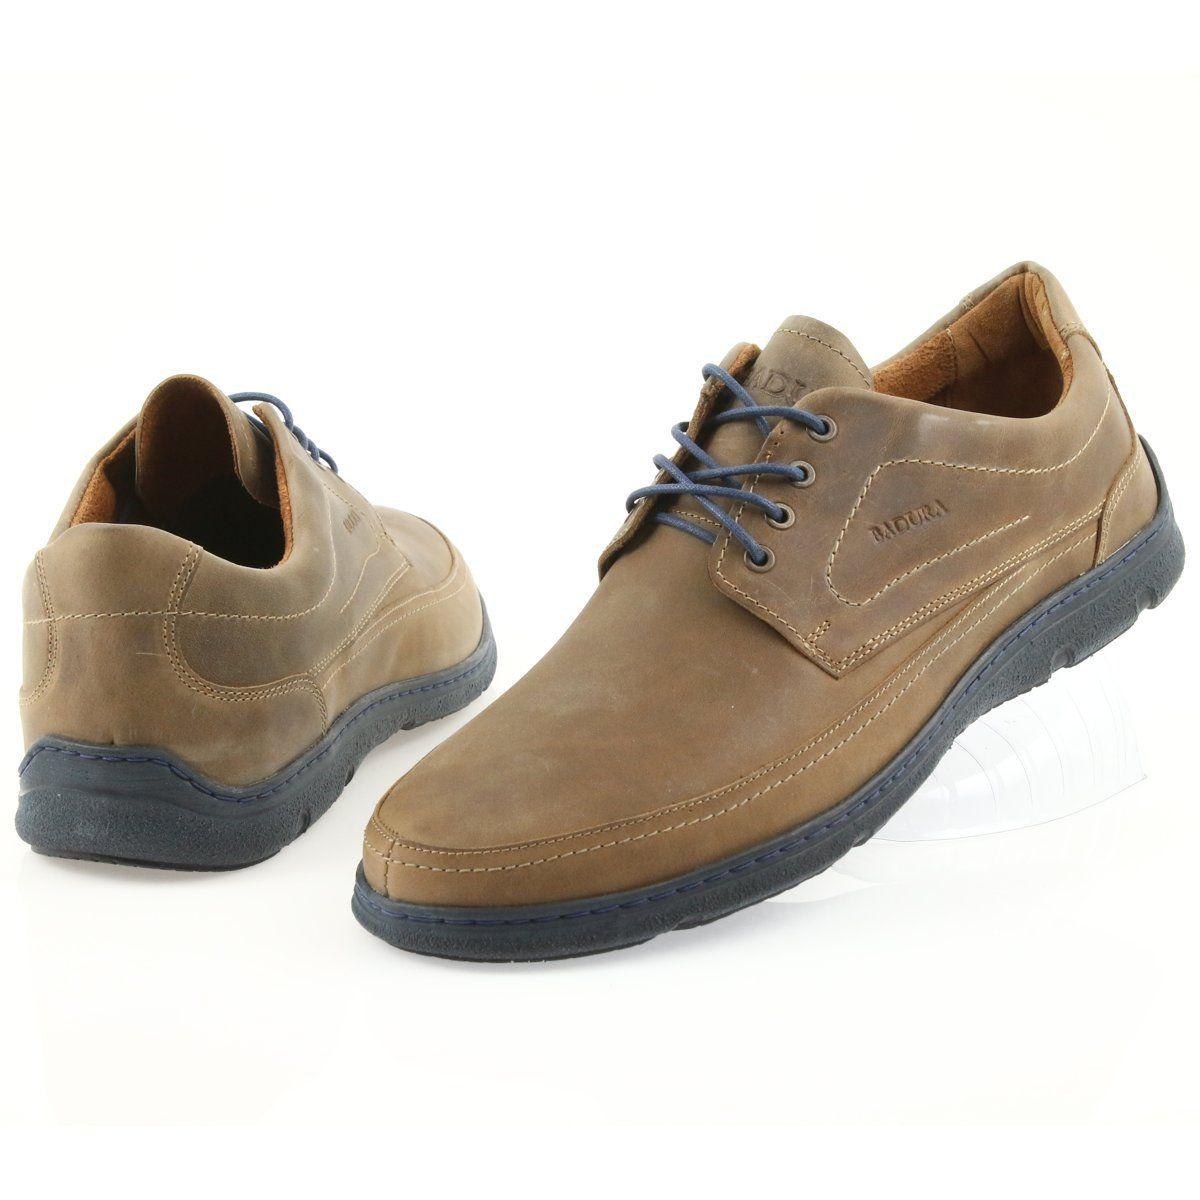 Polbuty Sportowe Badura 3390 Brazowe Dress Shoes Men Shoes Shoes Mens